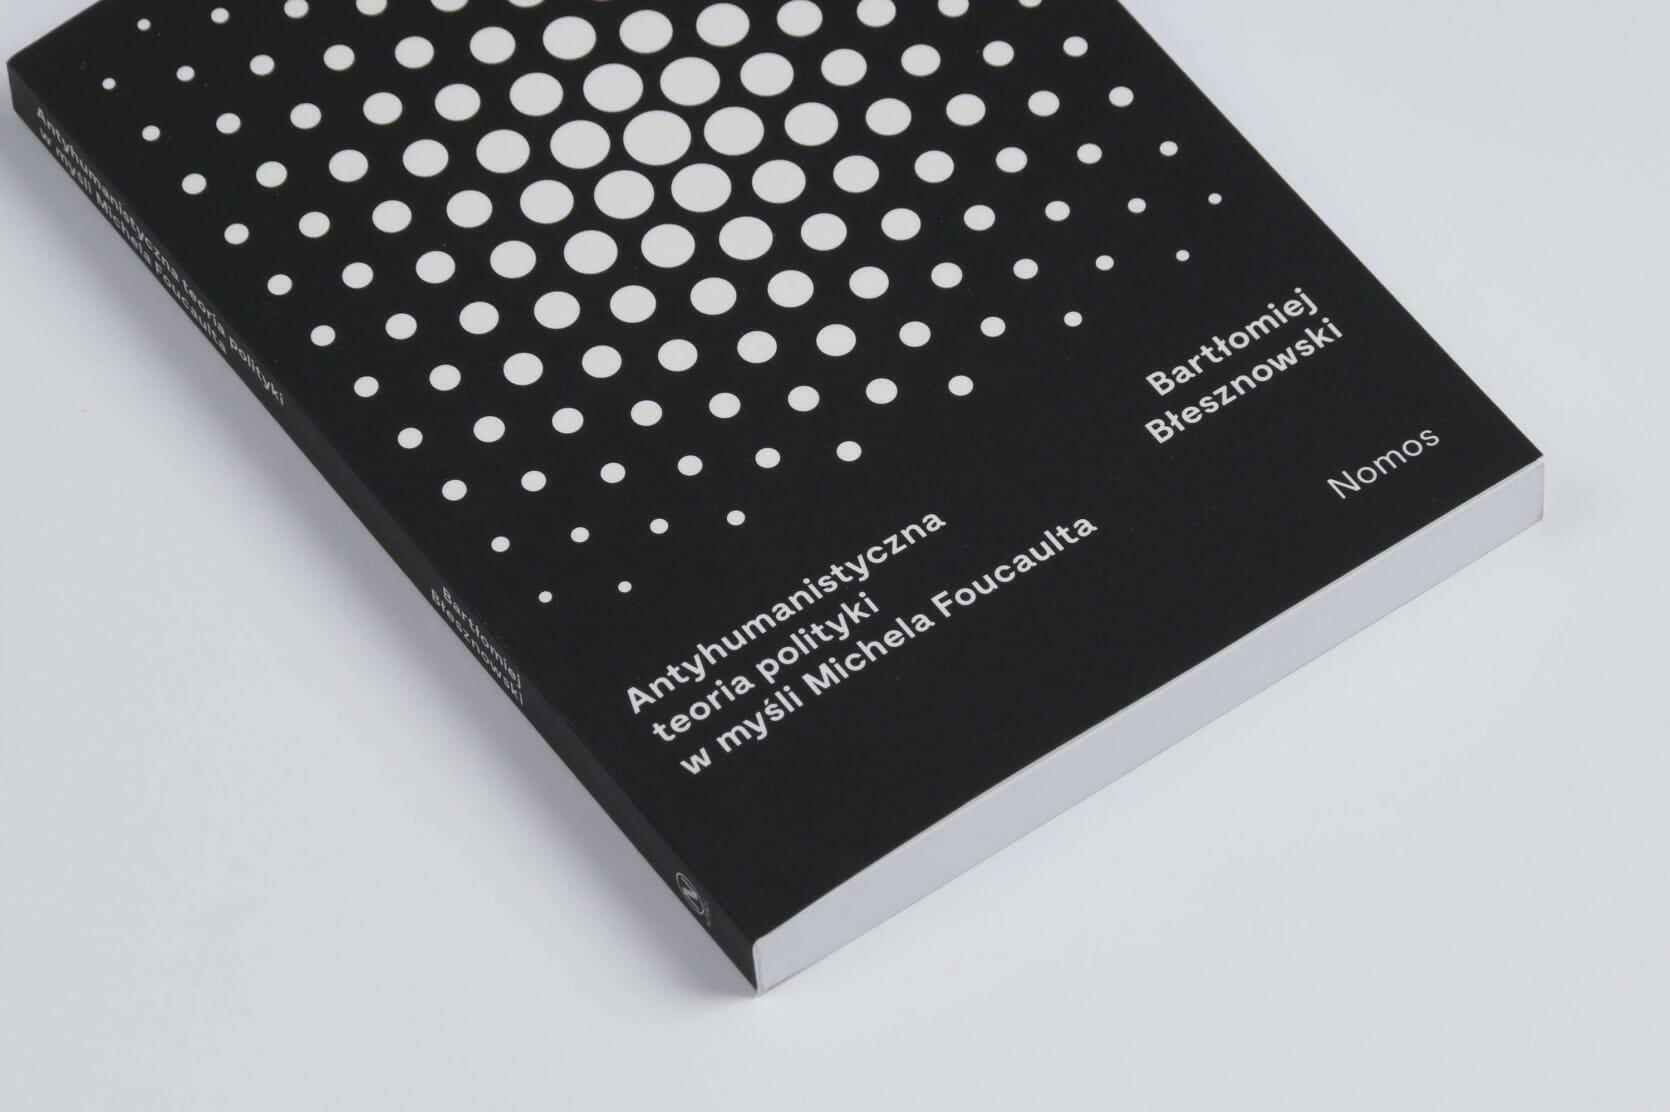 Book cover closeup — Bartłomiej Błesznowski — Antyhumanistyczna teoria polityki w myśli Michela Foucaulta